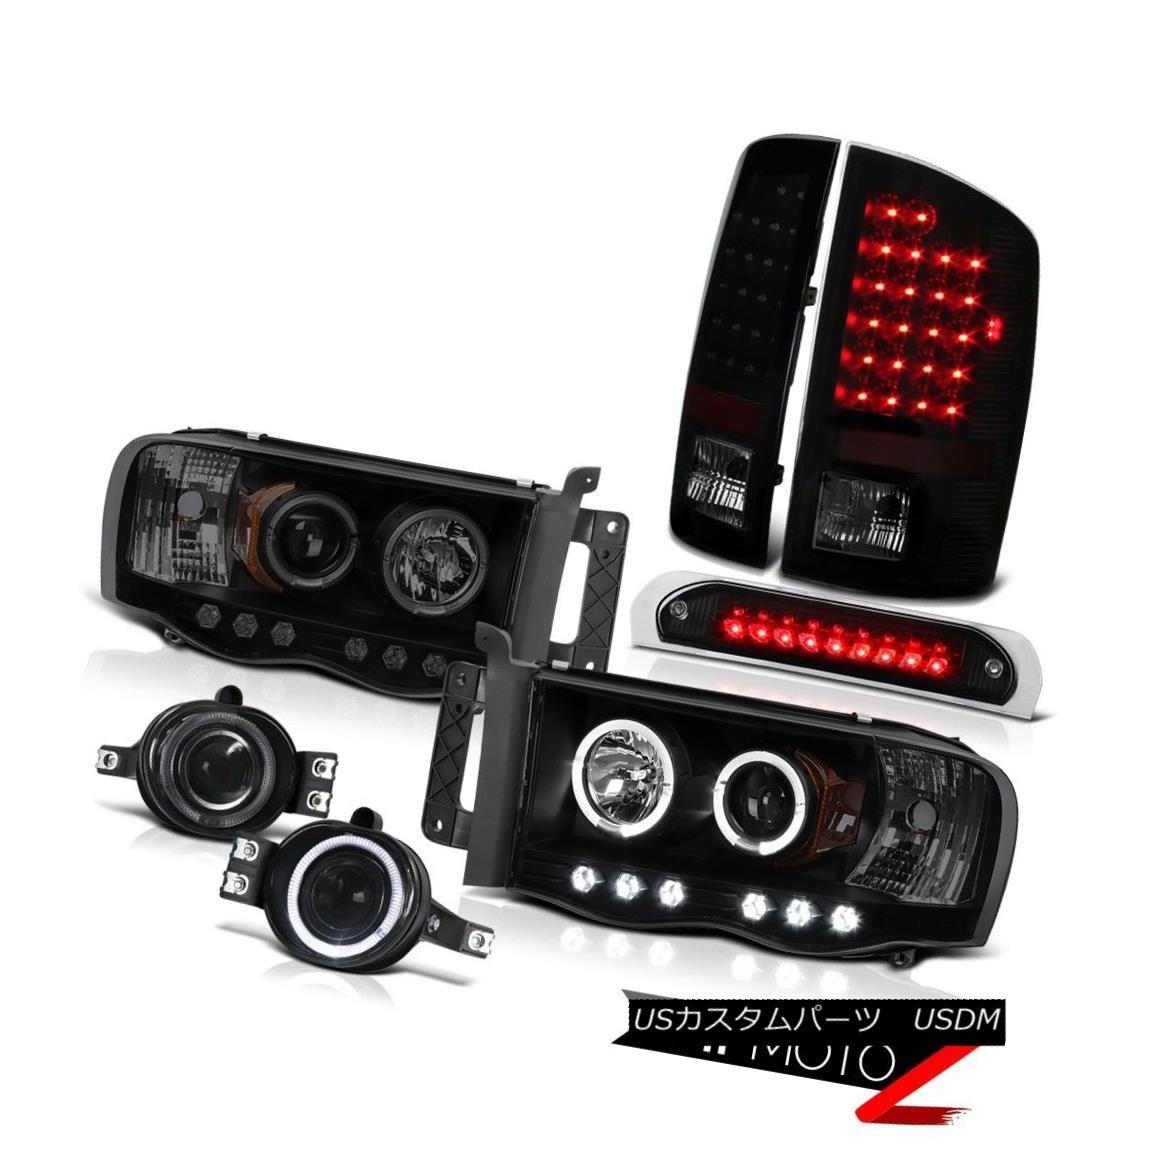 ヘッドライト Halo LED Headlights L.E.D Rear Tail Lights Fog High Brake Cargo 2002-2005 Ram V6 ハローLEDヘッドライトL.E.Dリアテールライトフォッグハイブレーキカーゴ2002-2005 Ram V6